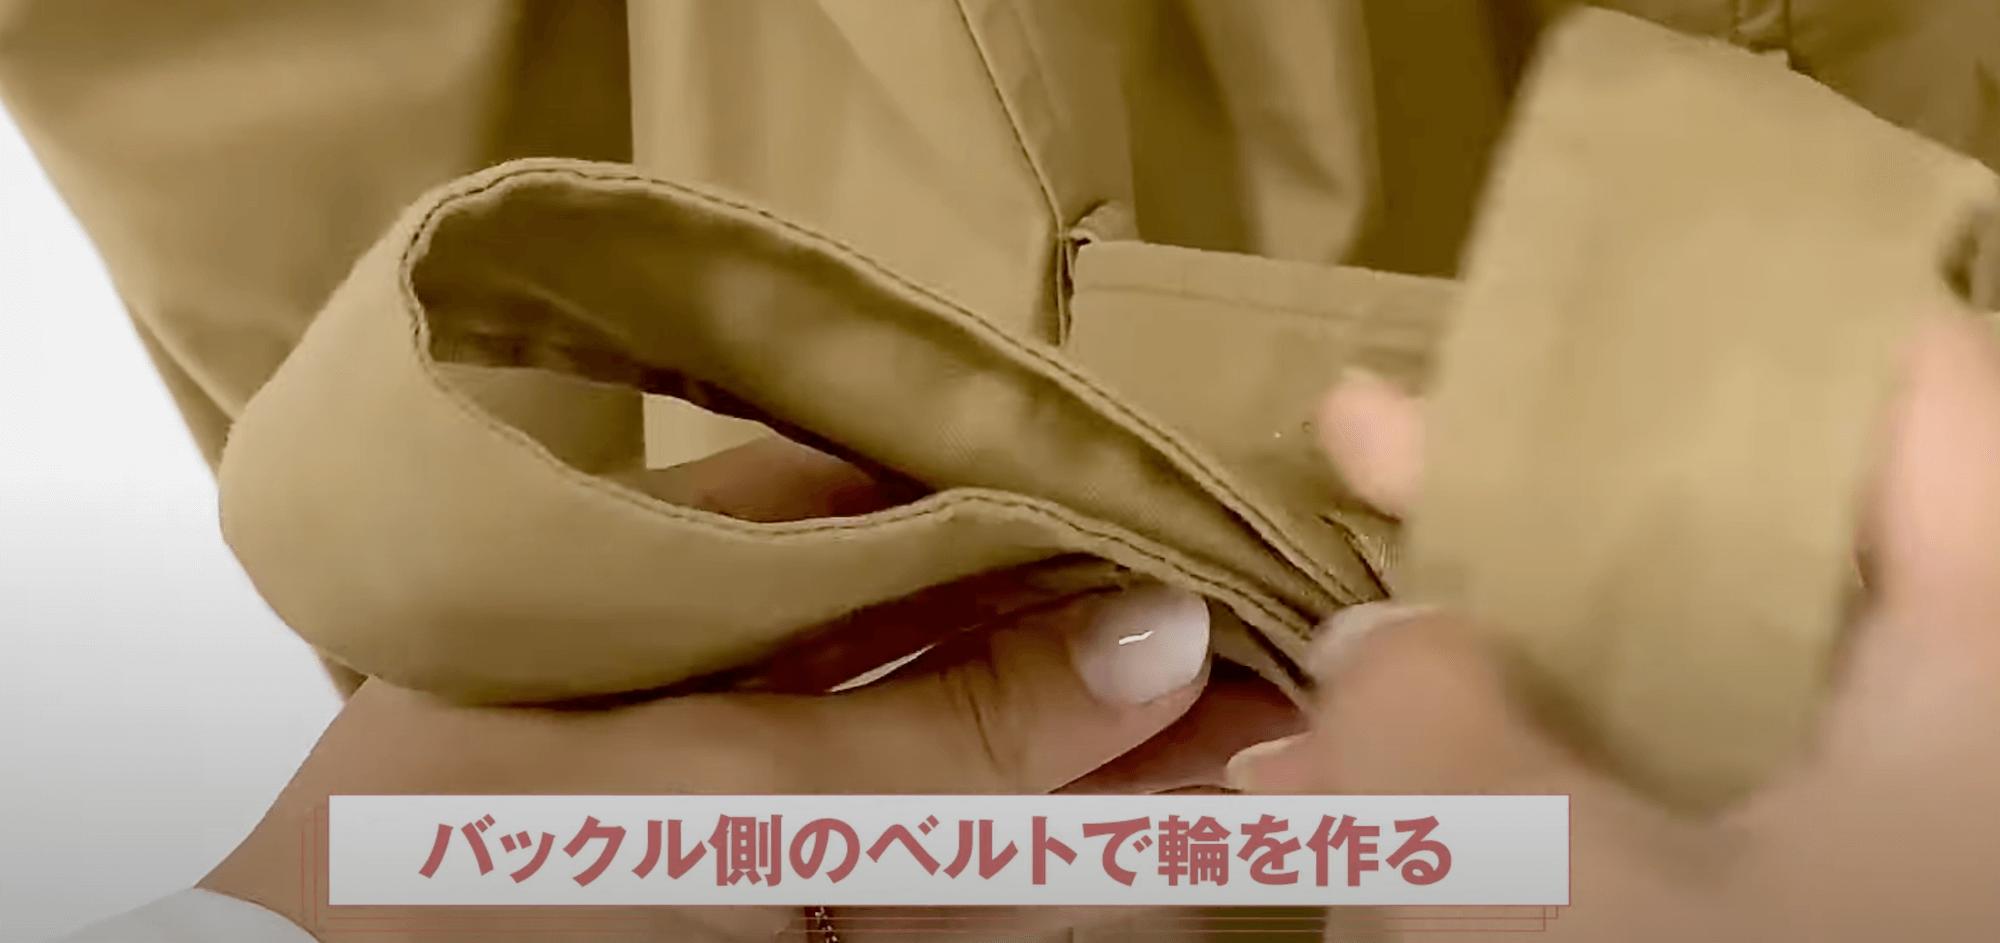 バックリボン結びの順番③:バックル側のベルトで輪を作る